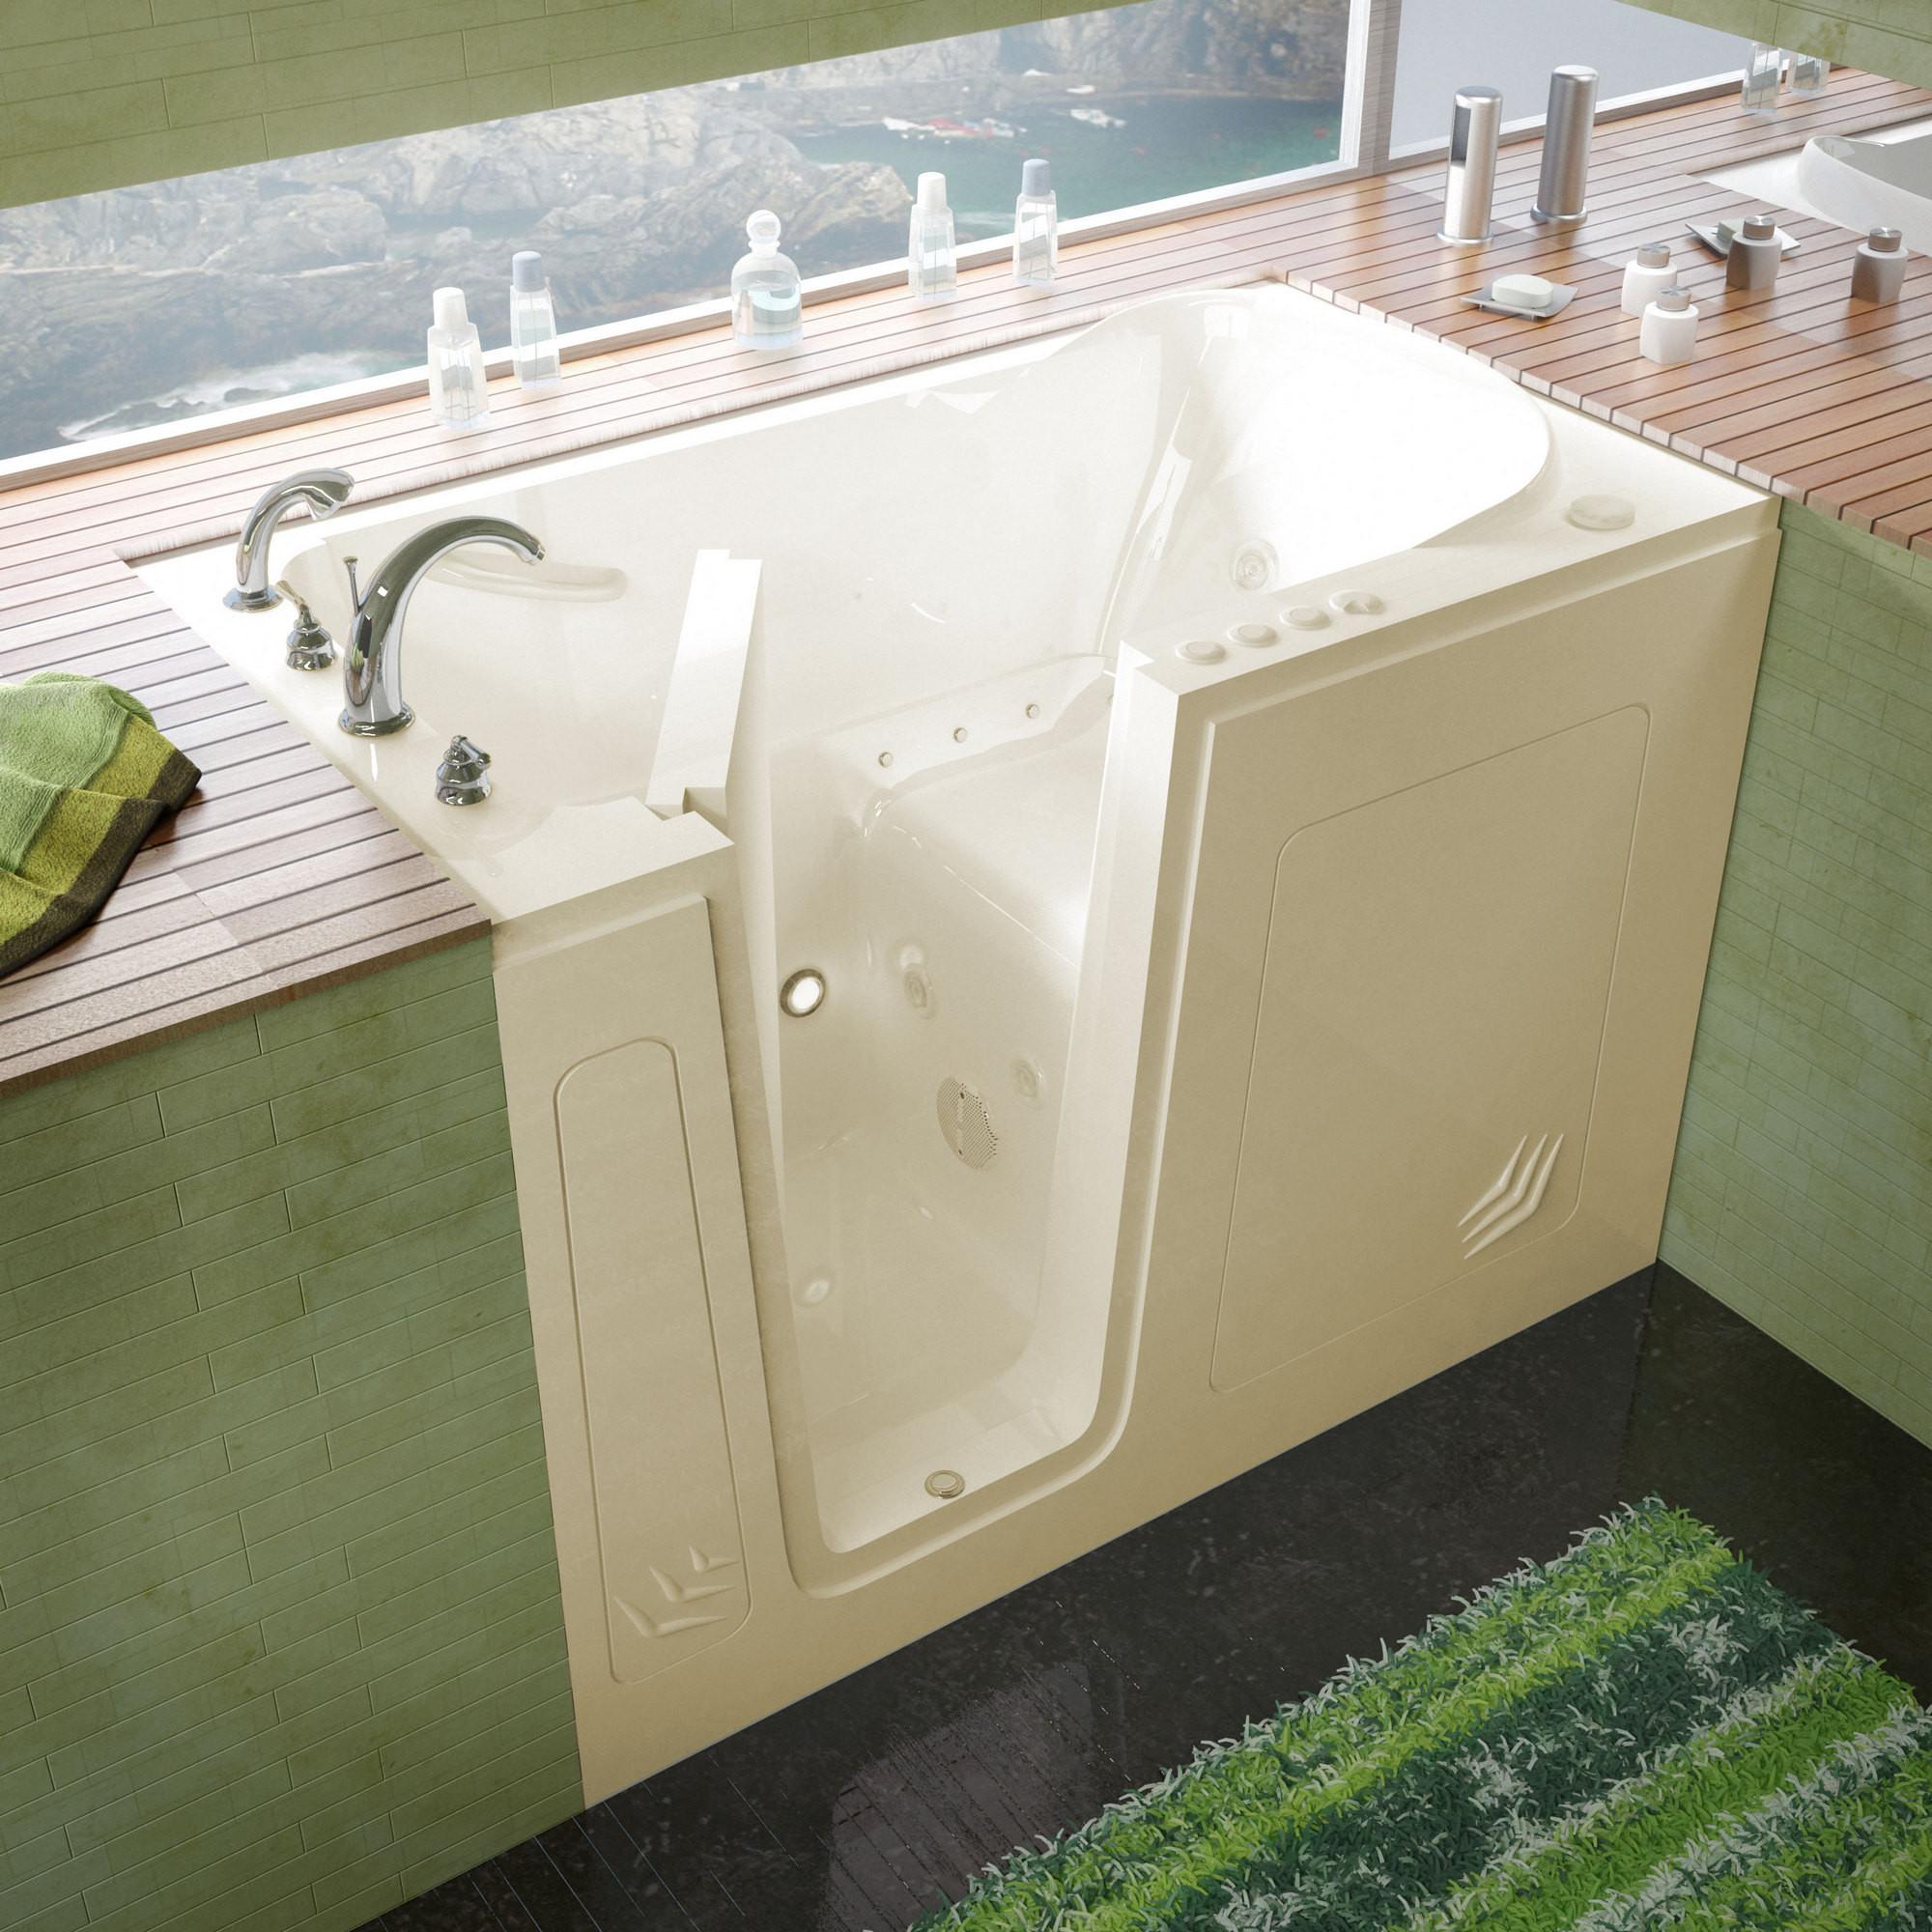 MediTub 3054LBD Walk-In 30 x 54 Left Drain Whirlpool & Air Jetted Bathtub